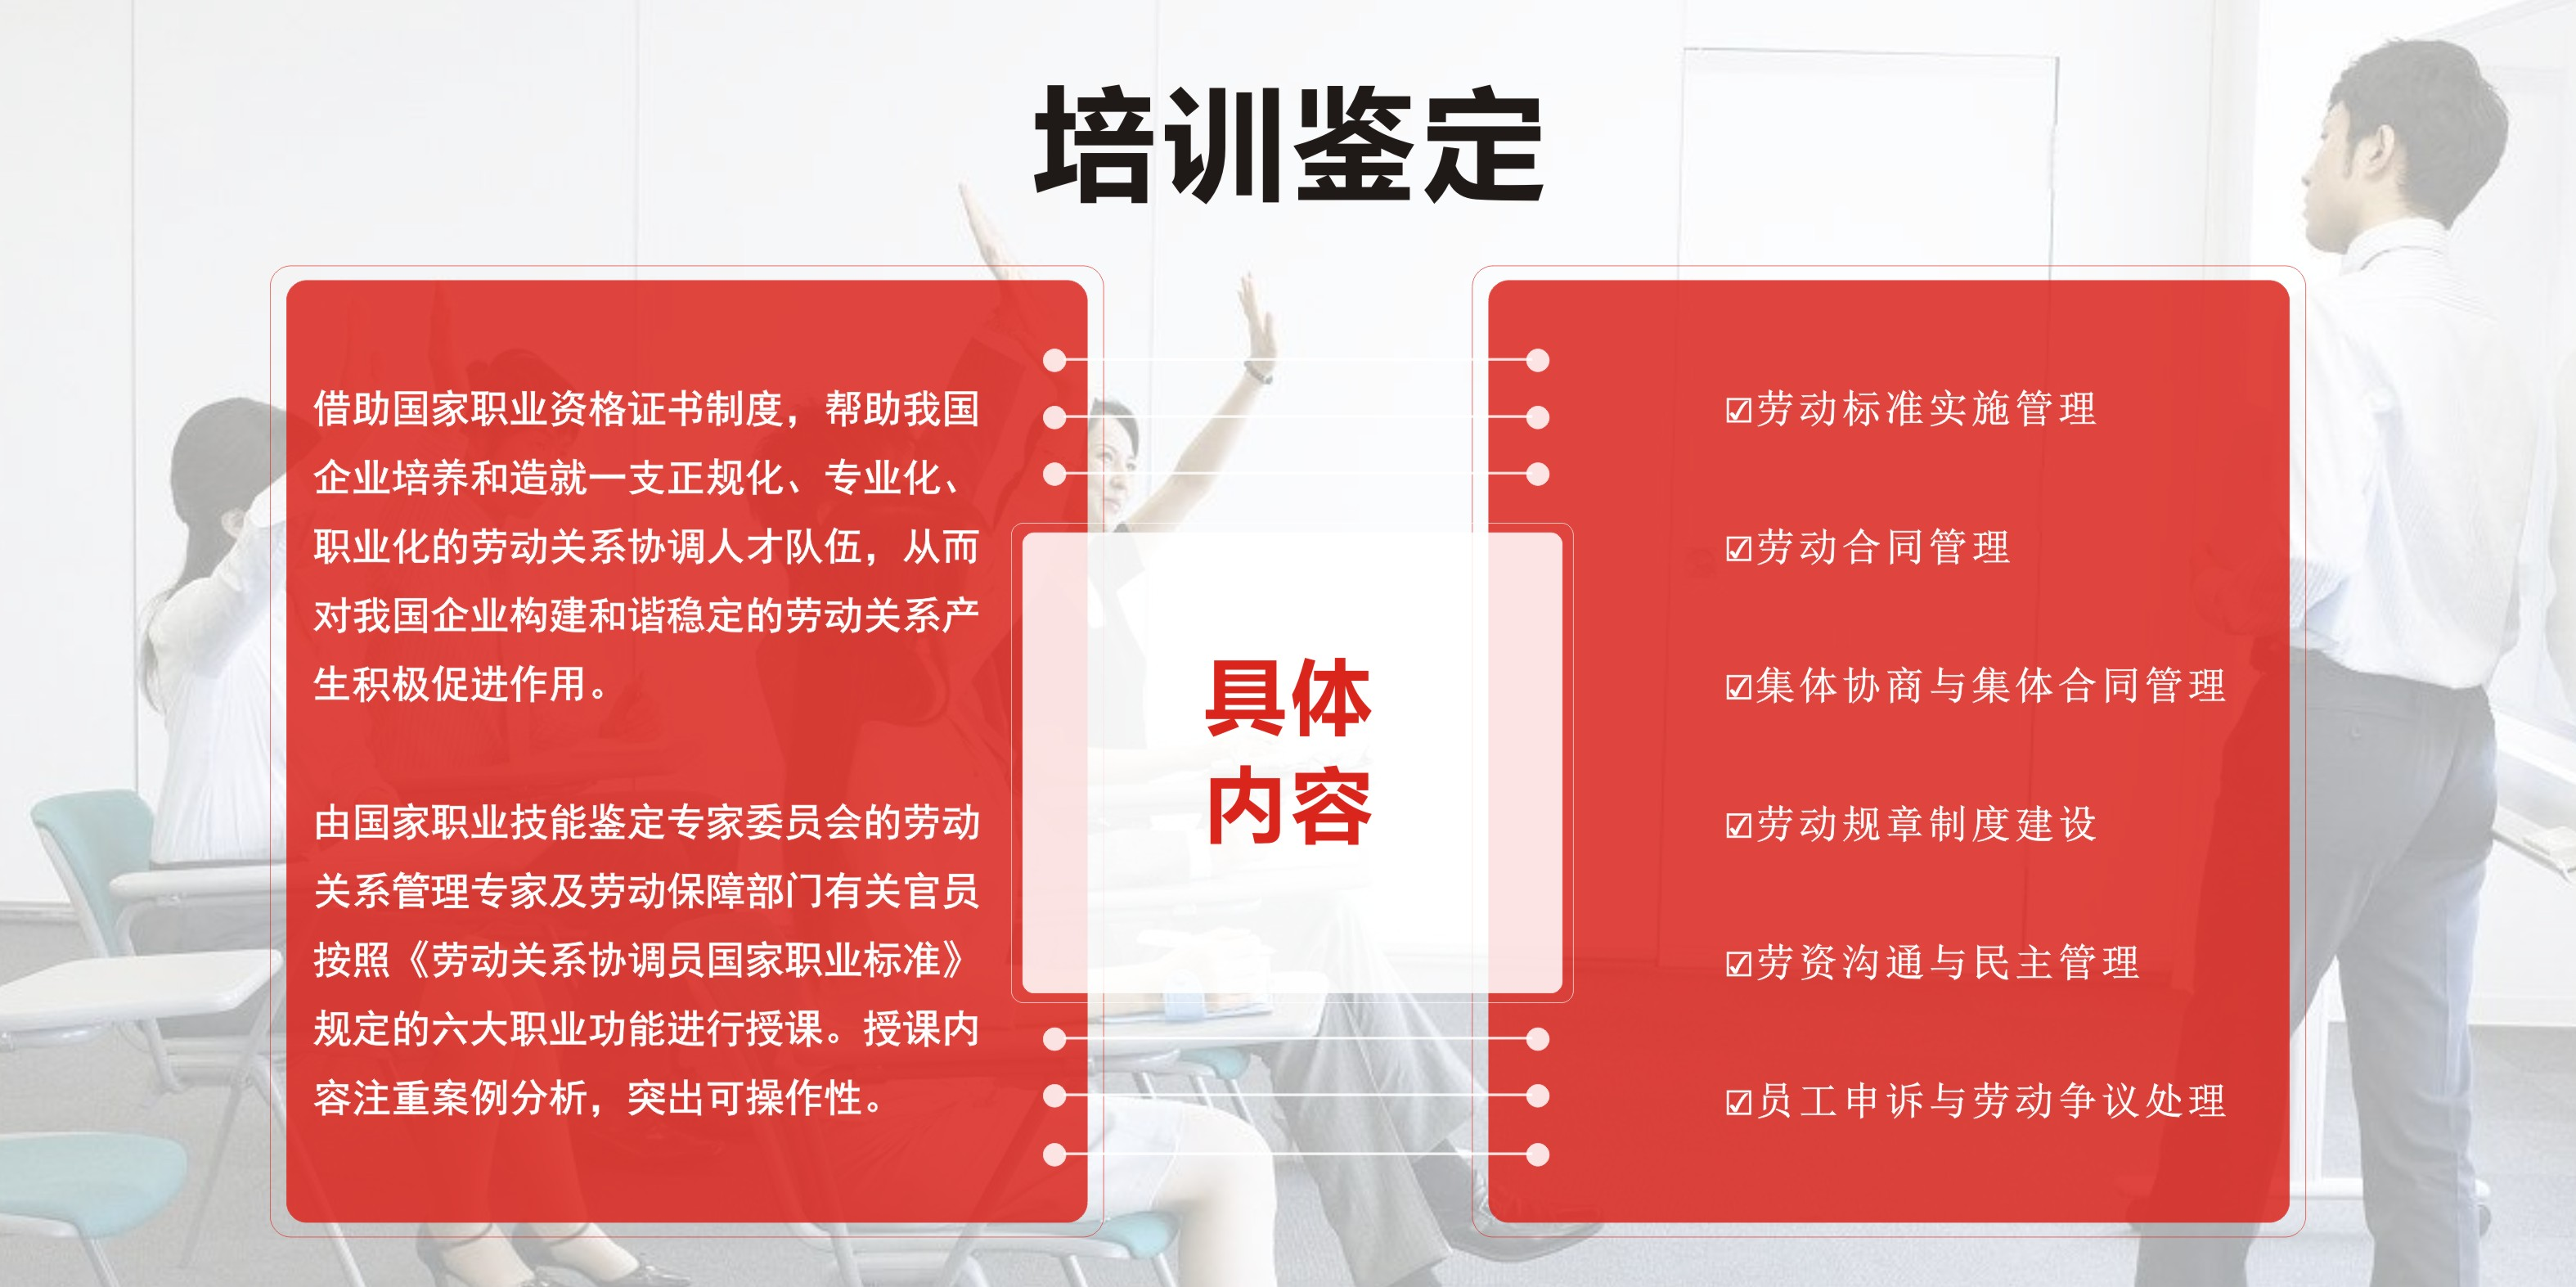 劳动关系协调师培训鉴定 - 南粤人才网